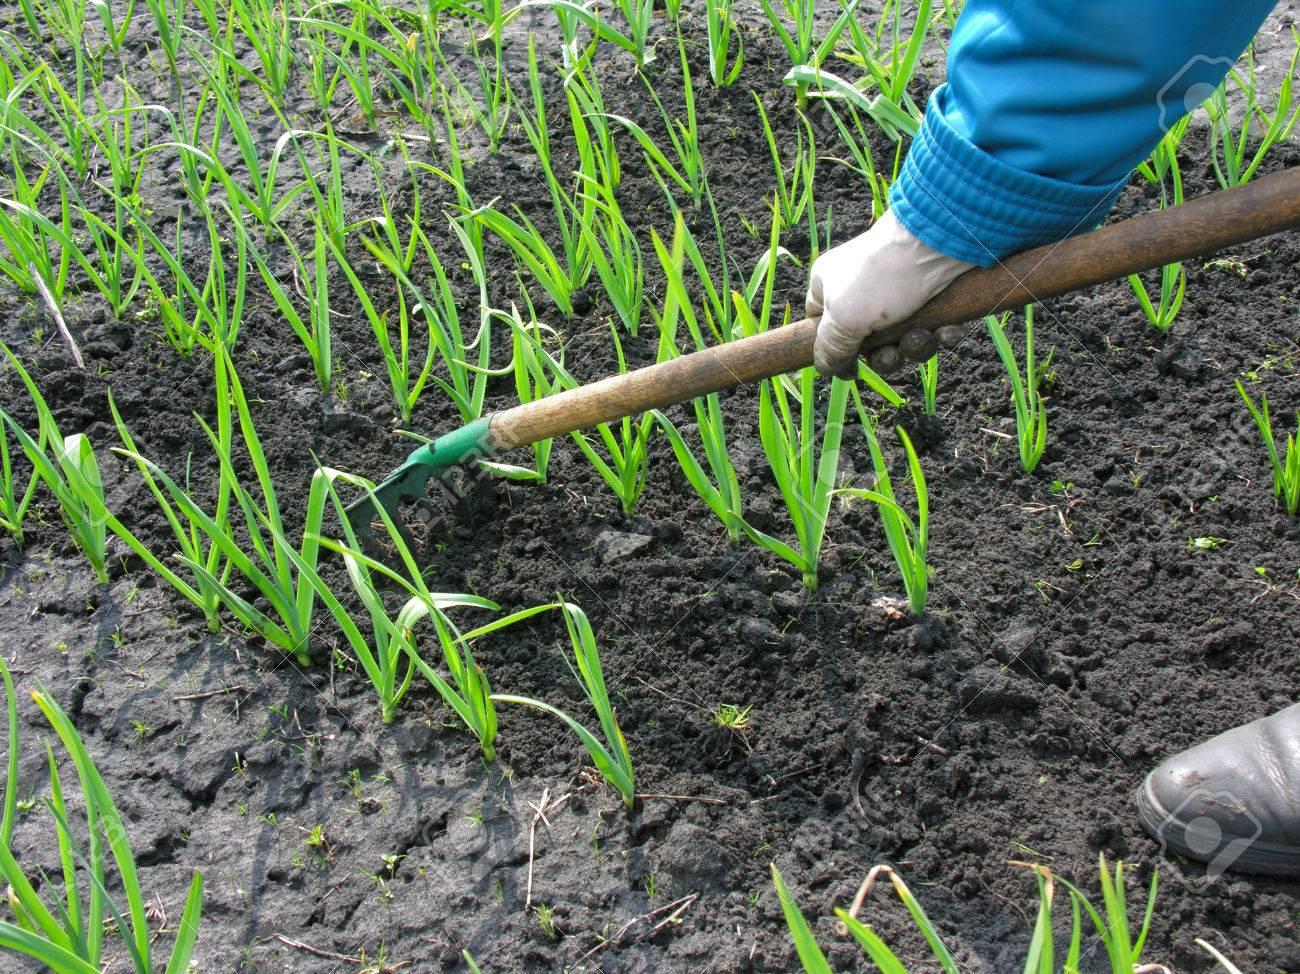 raking of garlic plantation seasonal work in the vegetable stock photo raking of garlic plantation seasonal work in the vegetable garden